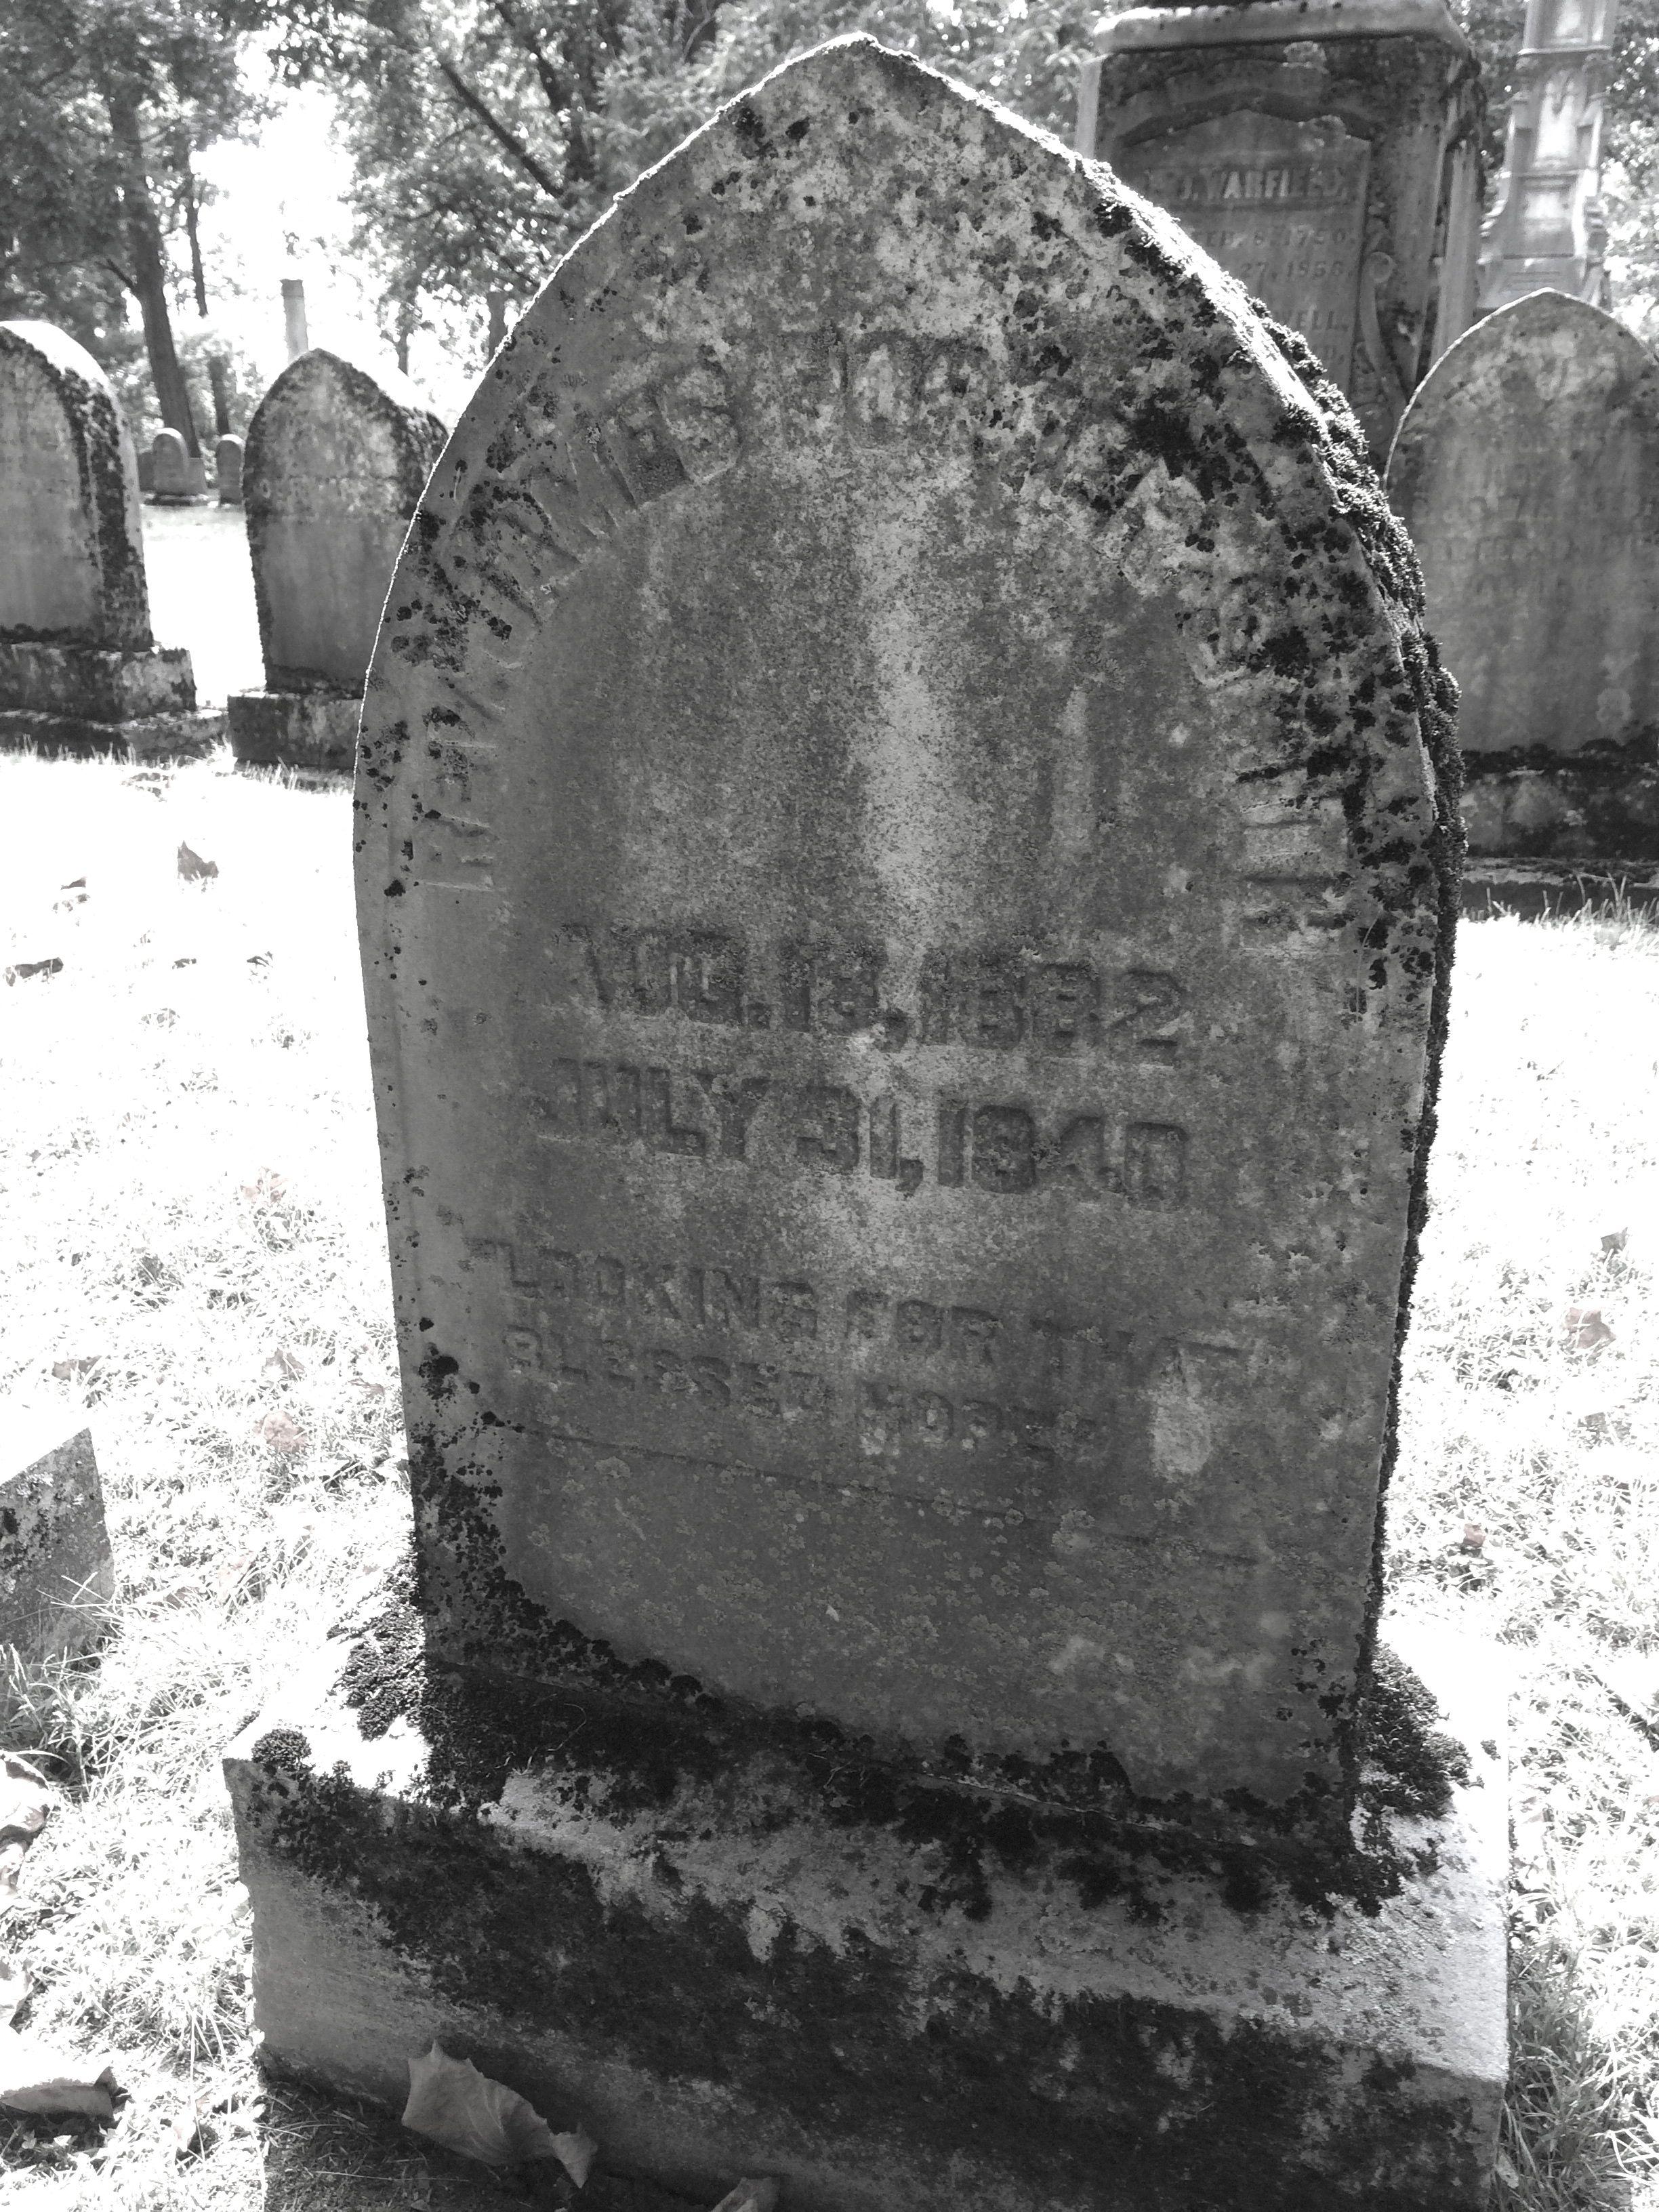 James Porter Smith is buried at Lexington Cemetery, Lexington, Kentucky.